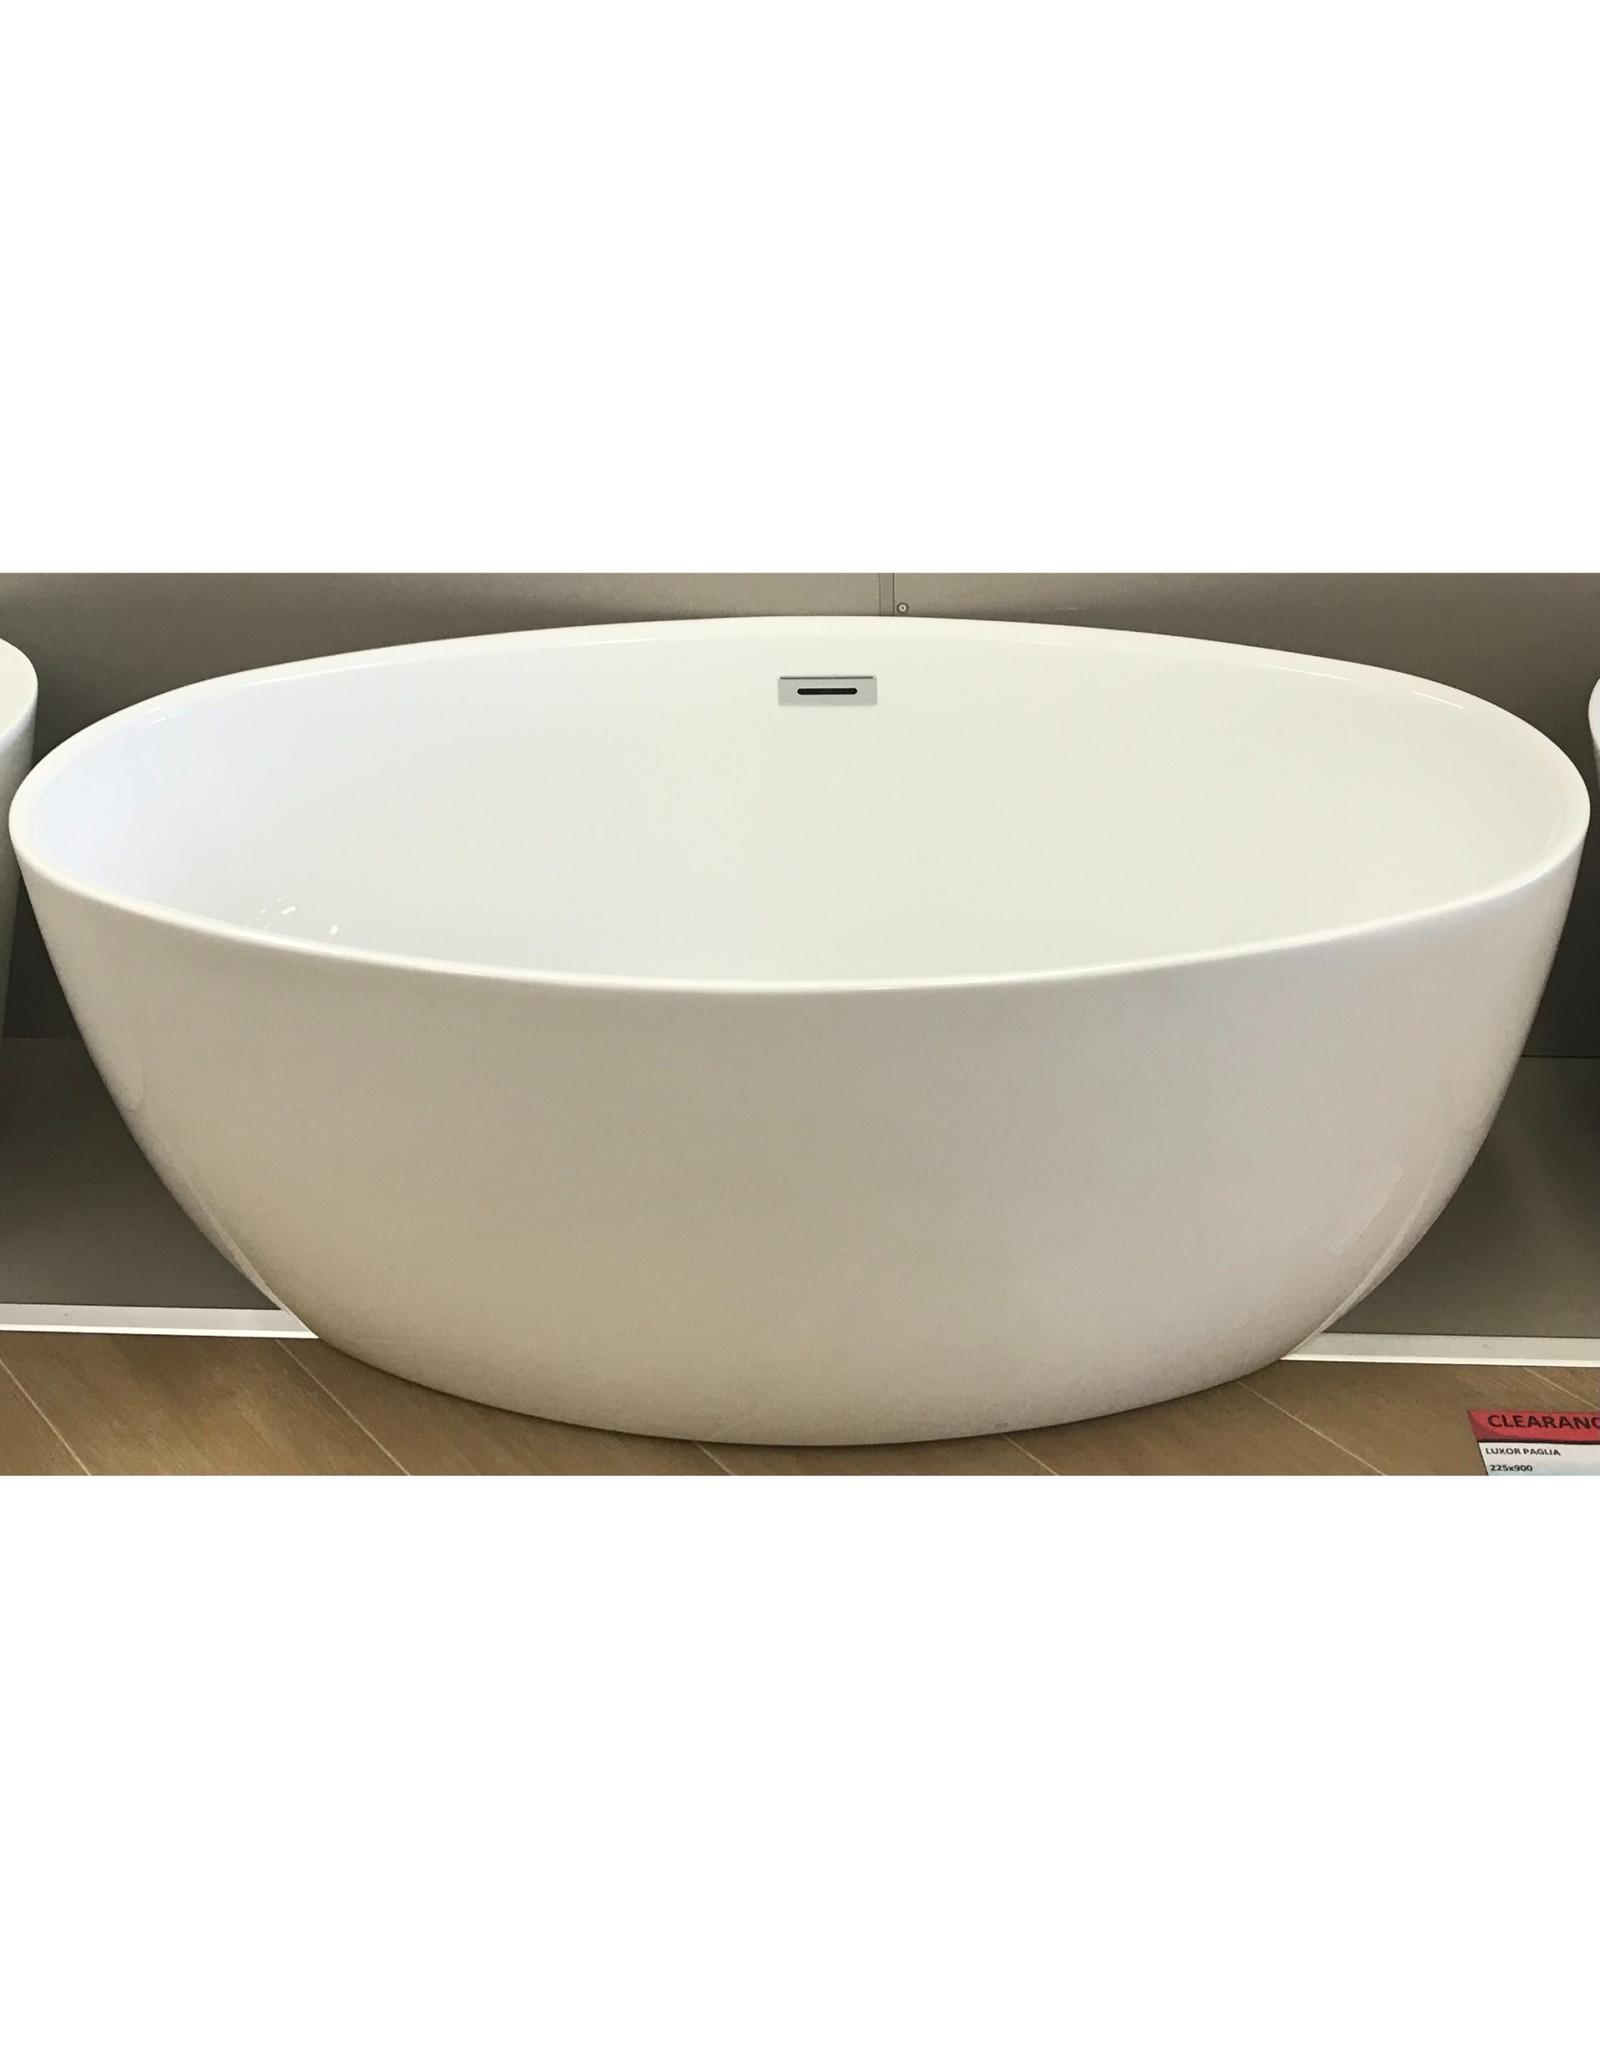 CLEARANCE CENTRE CLEARANCE - 1500mm, Nardo Oval BathTub